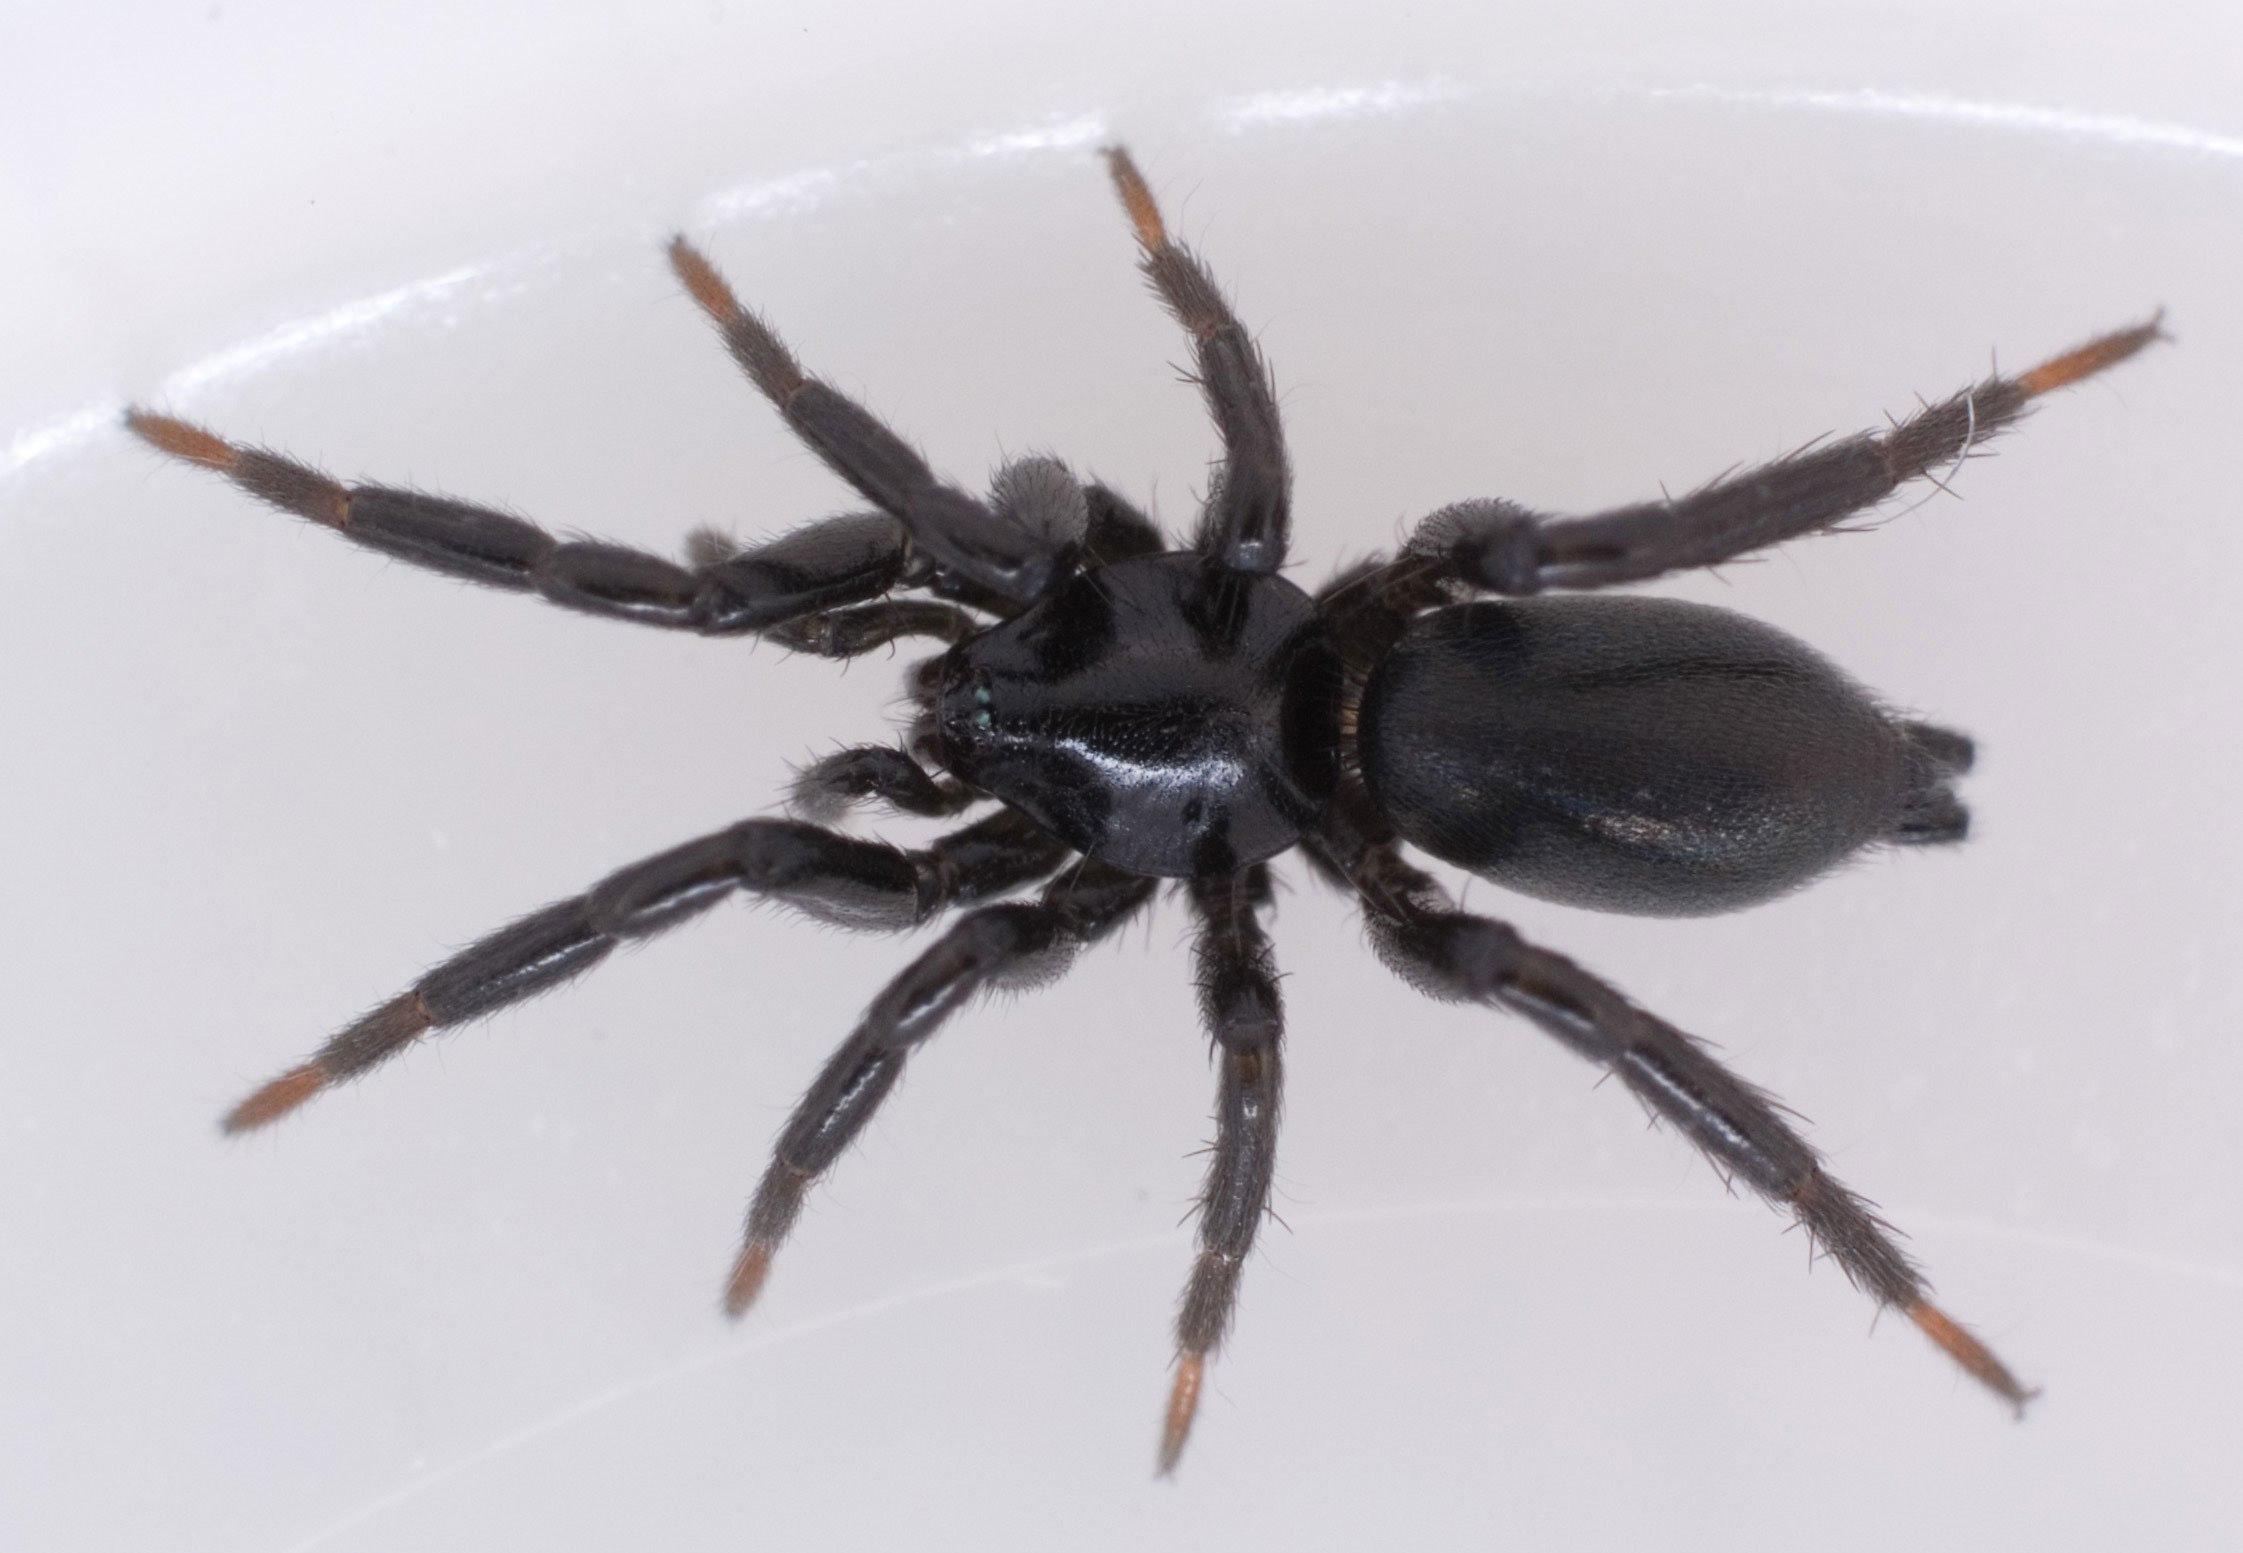 Mød de 7 edderkopper, der bor i dit hus